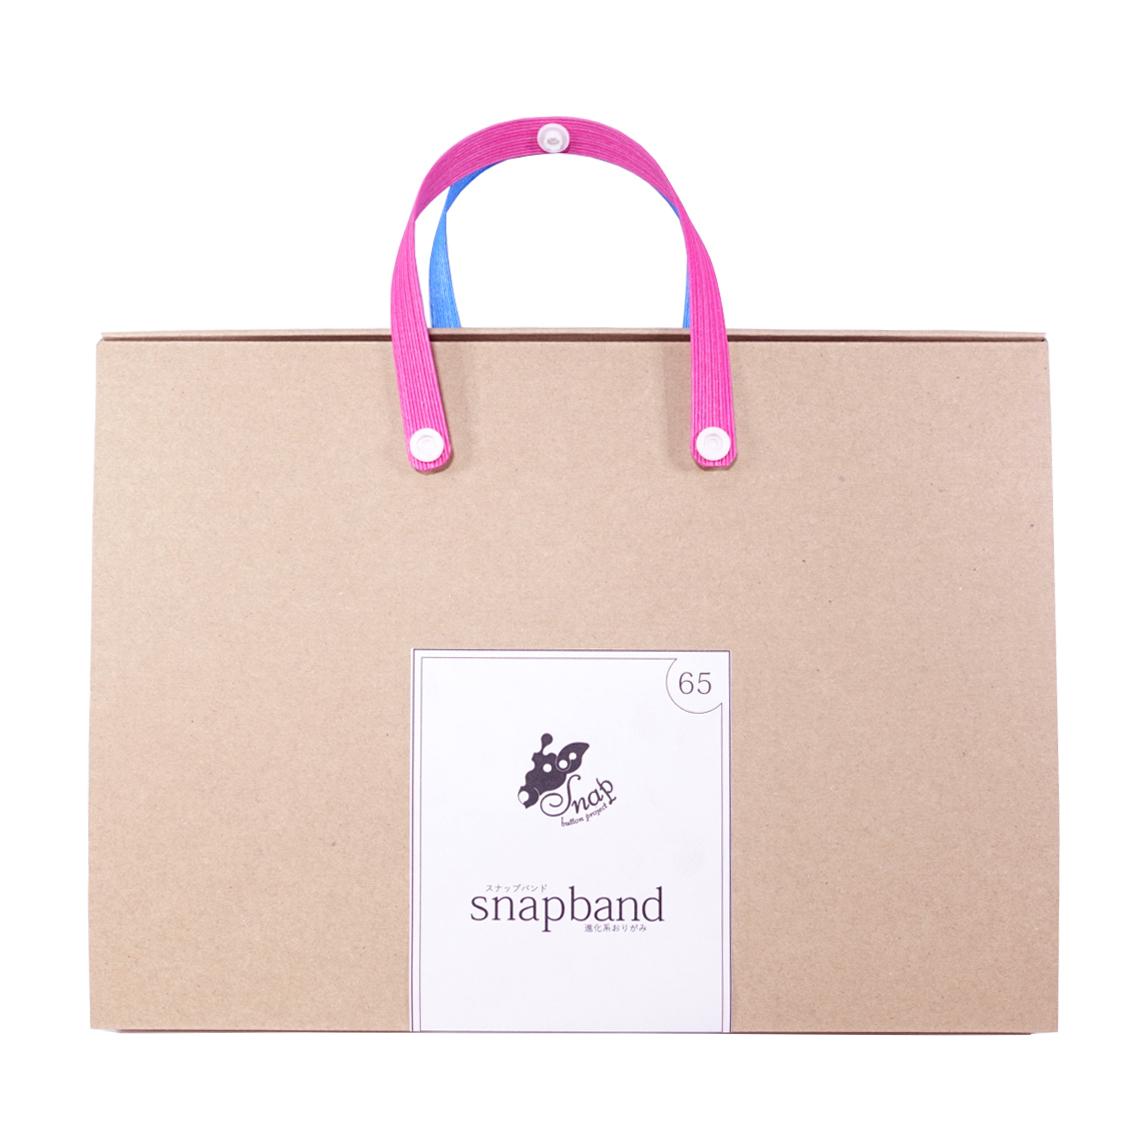 snapband (スナップバンド) Box 65本セット